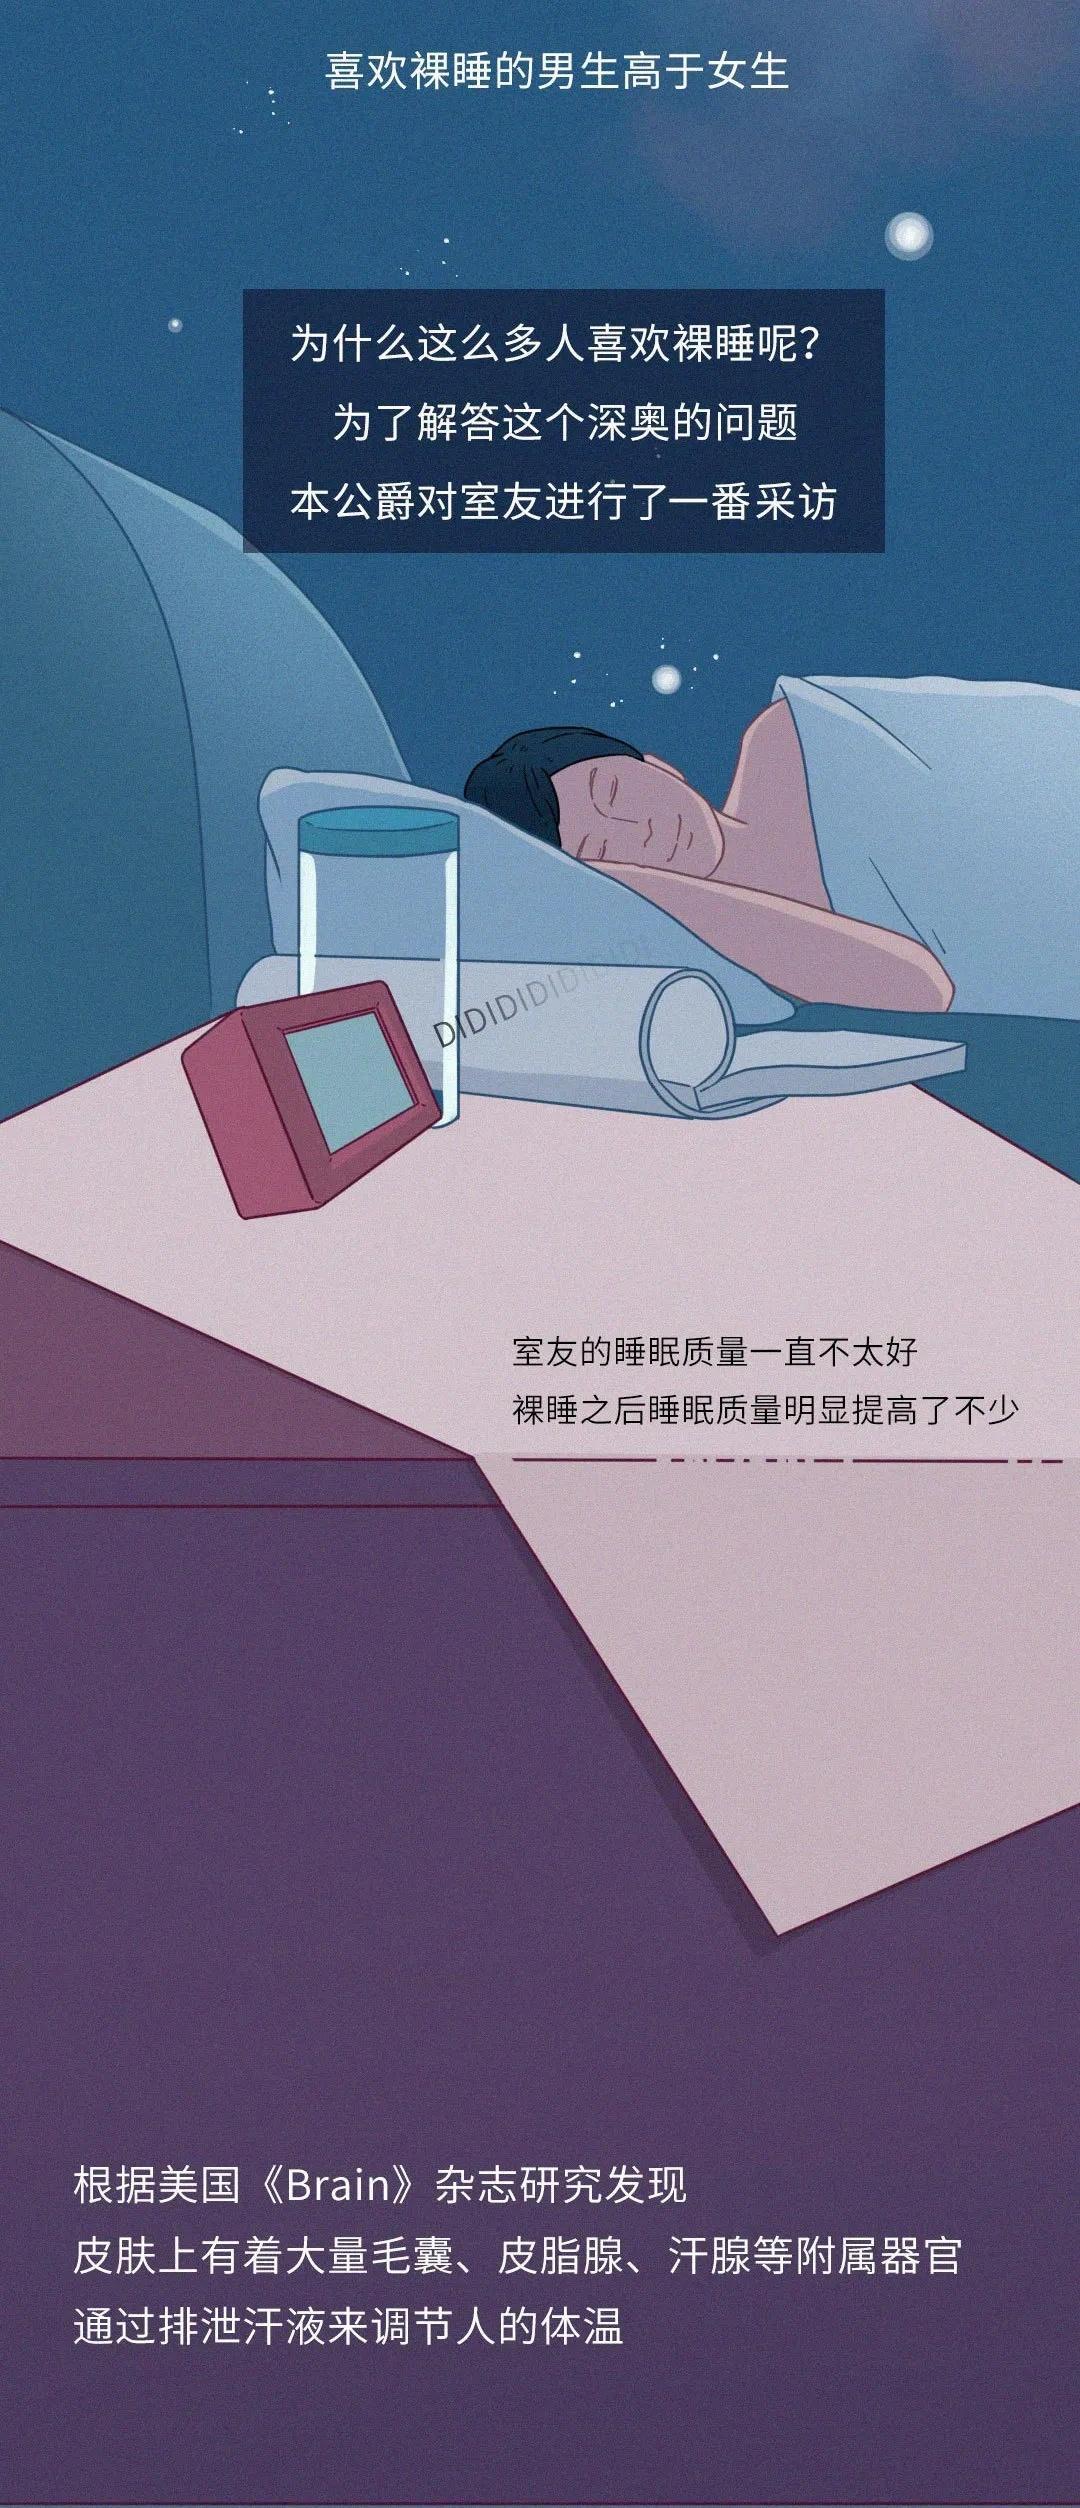 滚床单之后,裸睡的好处你知道吗?